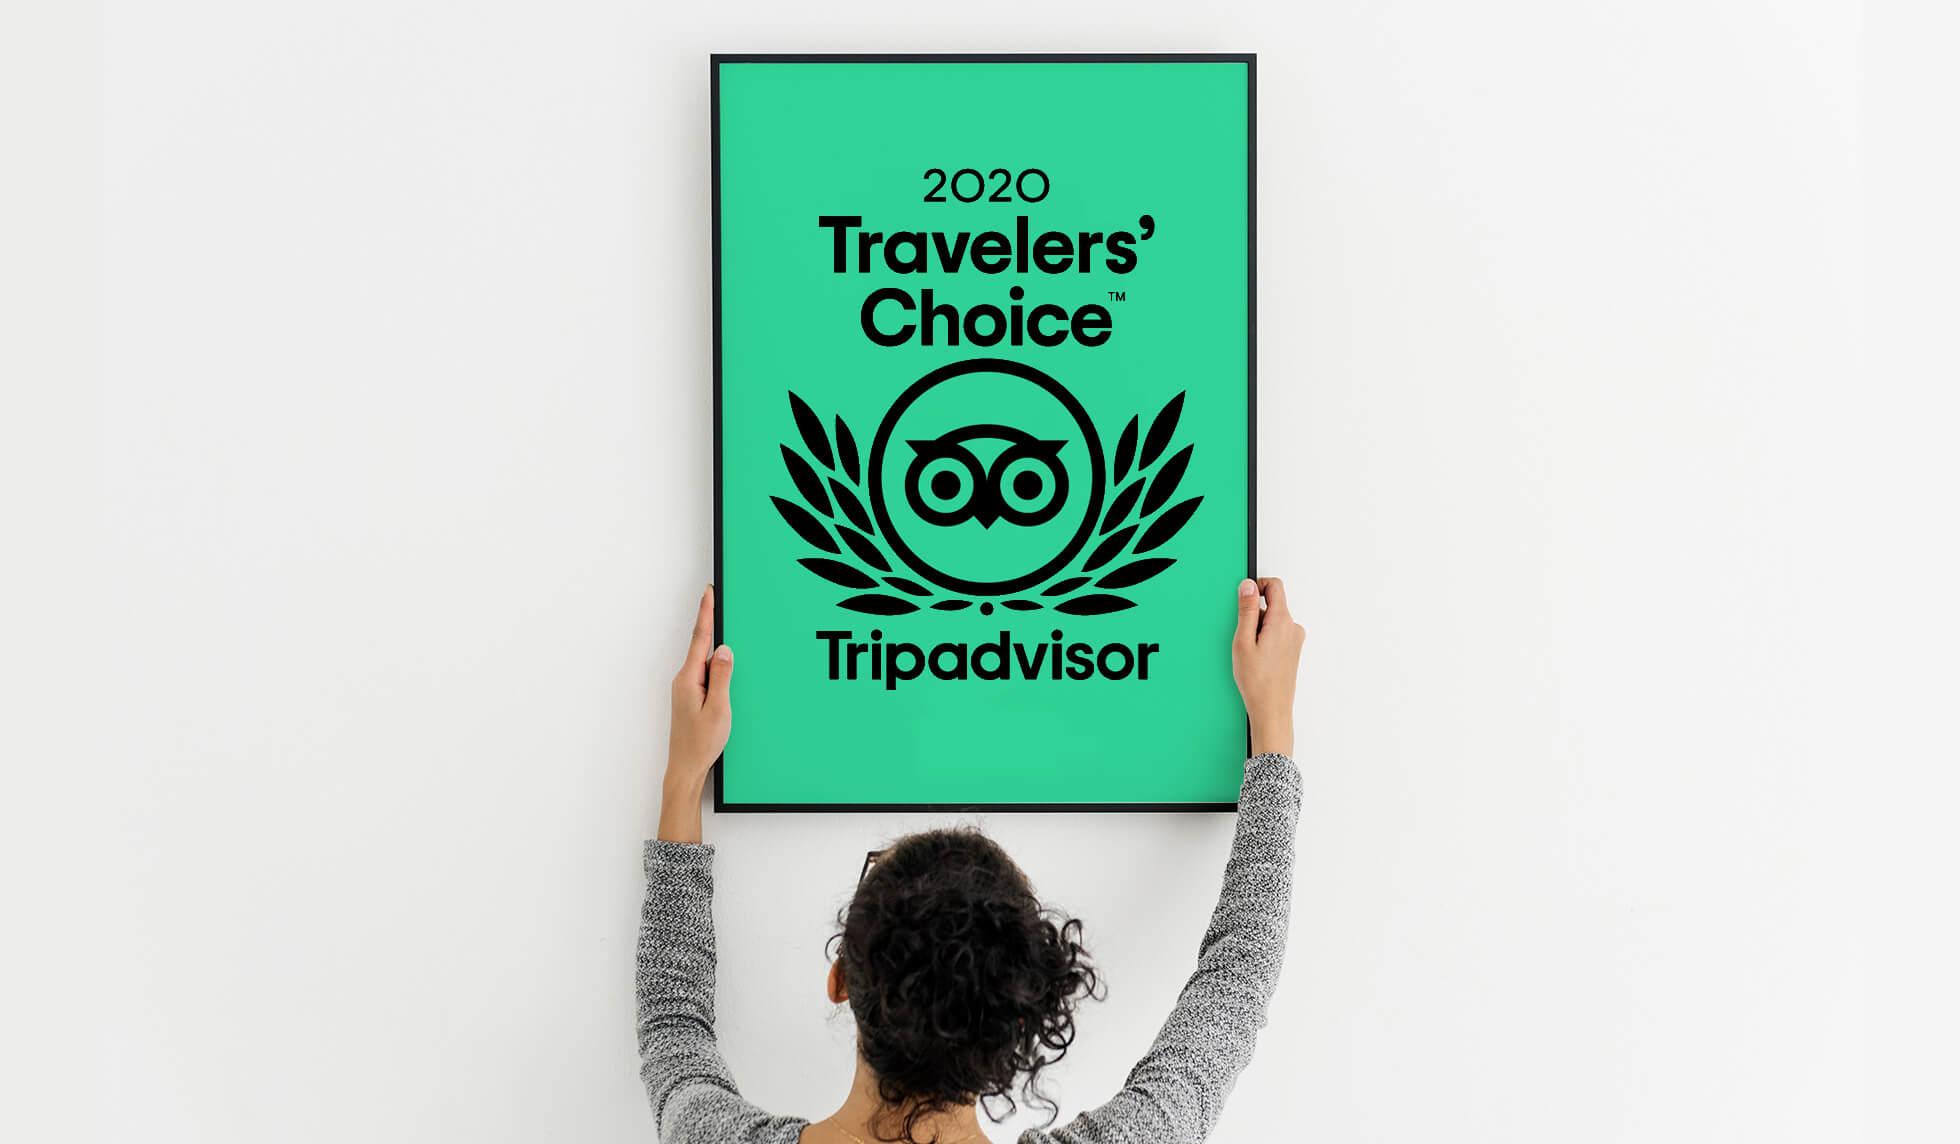 Premio TripAdvisor para Goa Catamaran